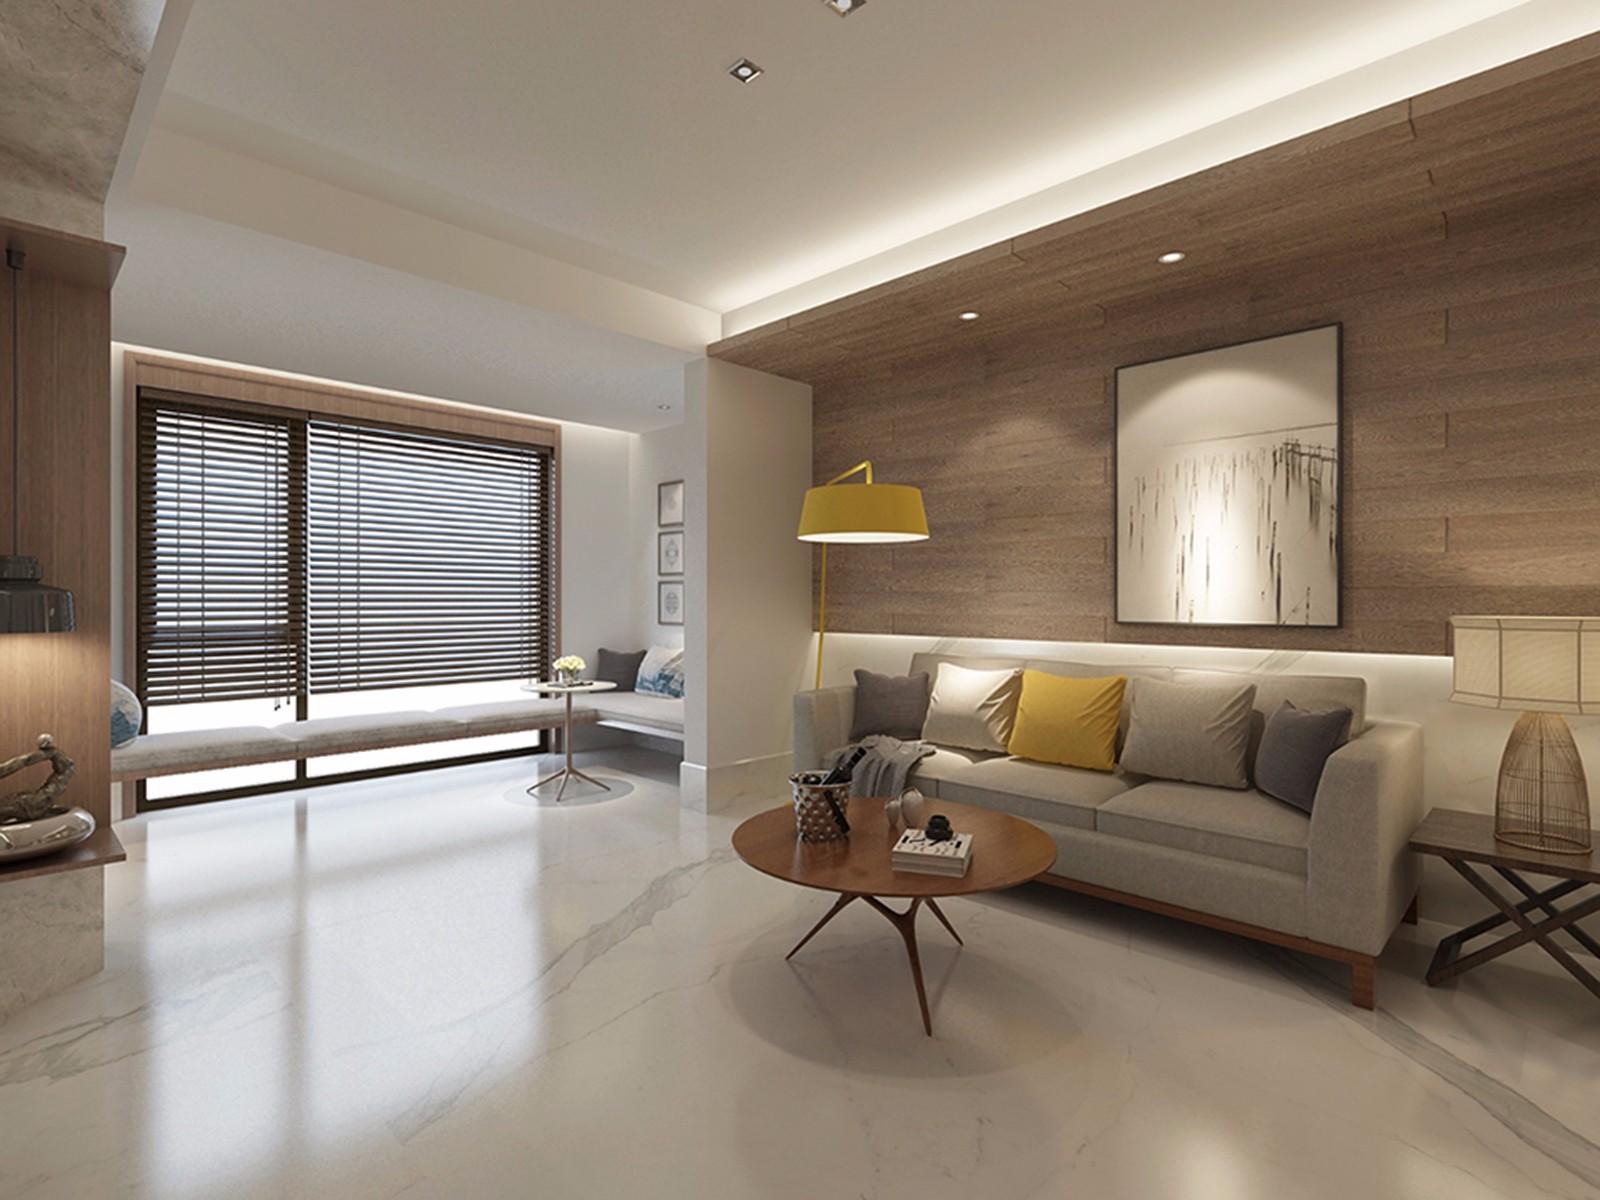 3室2卫2厅141平米简约风格